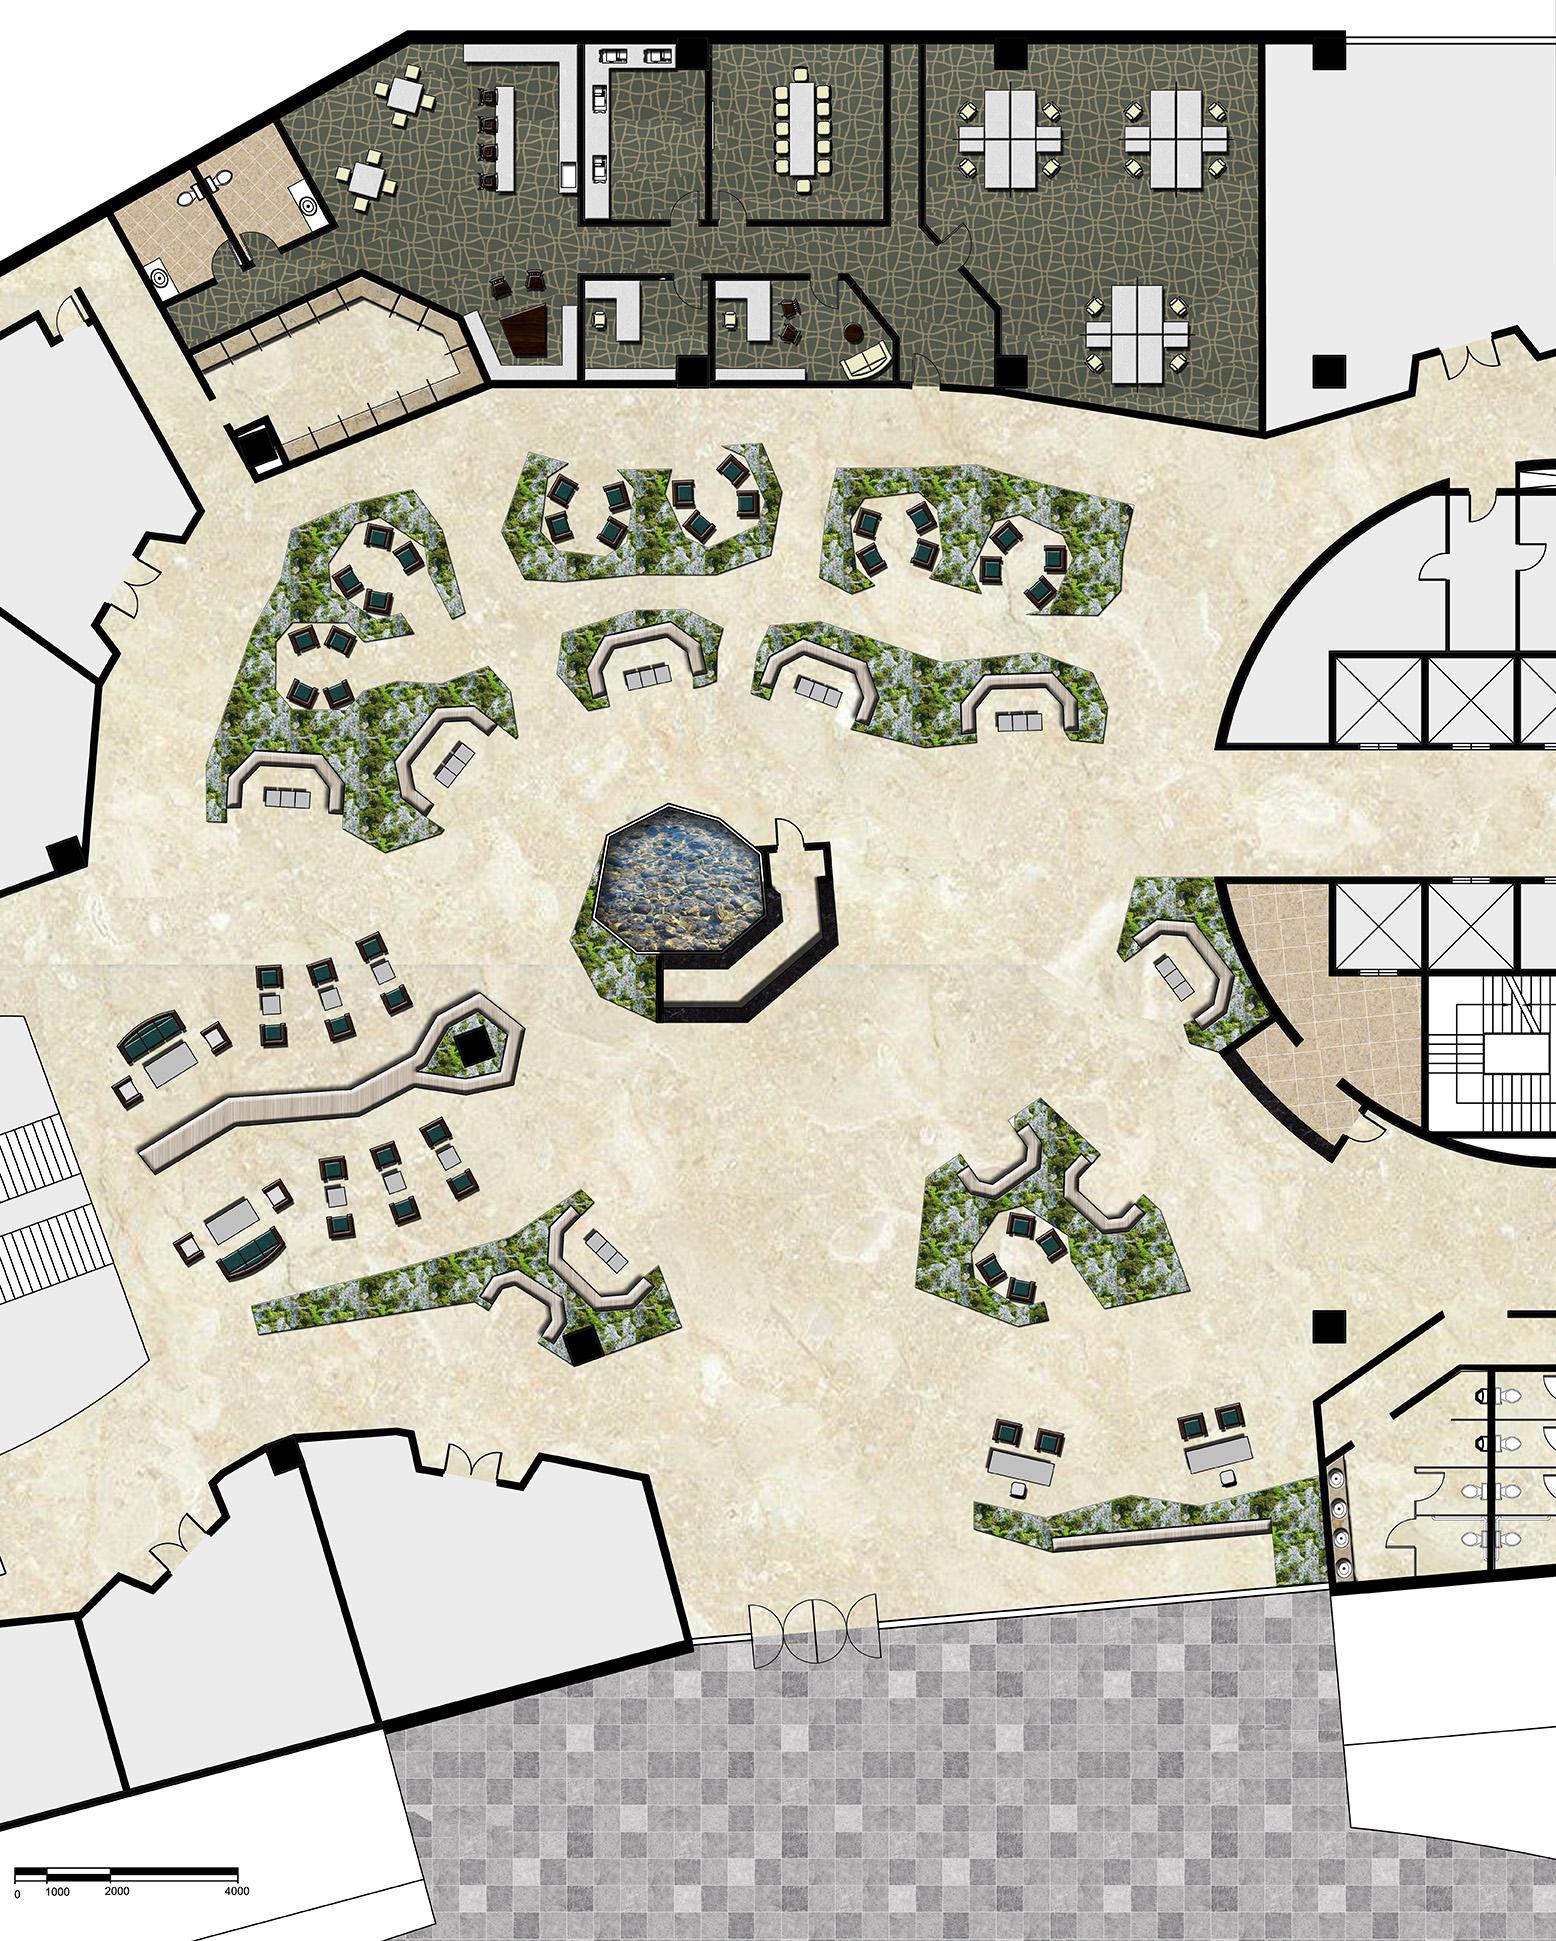 Hotel lobby floor plan - Rendered Lobby Floor Plan